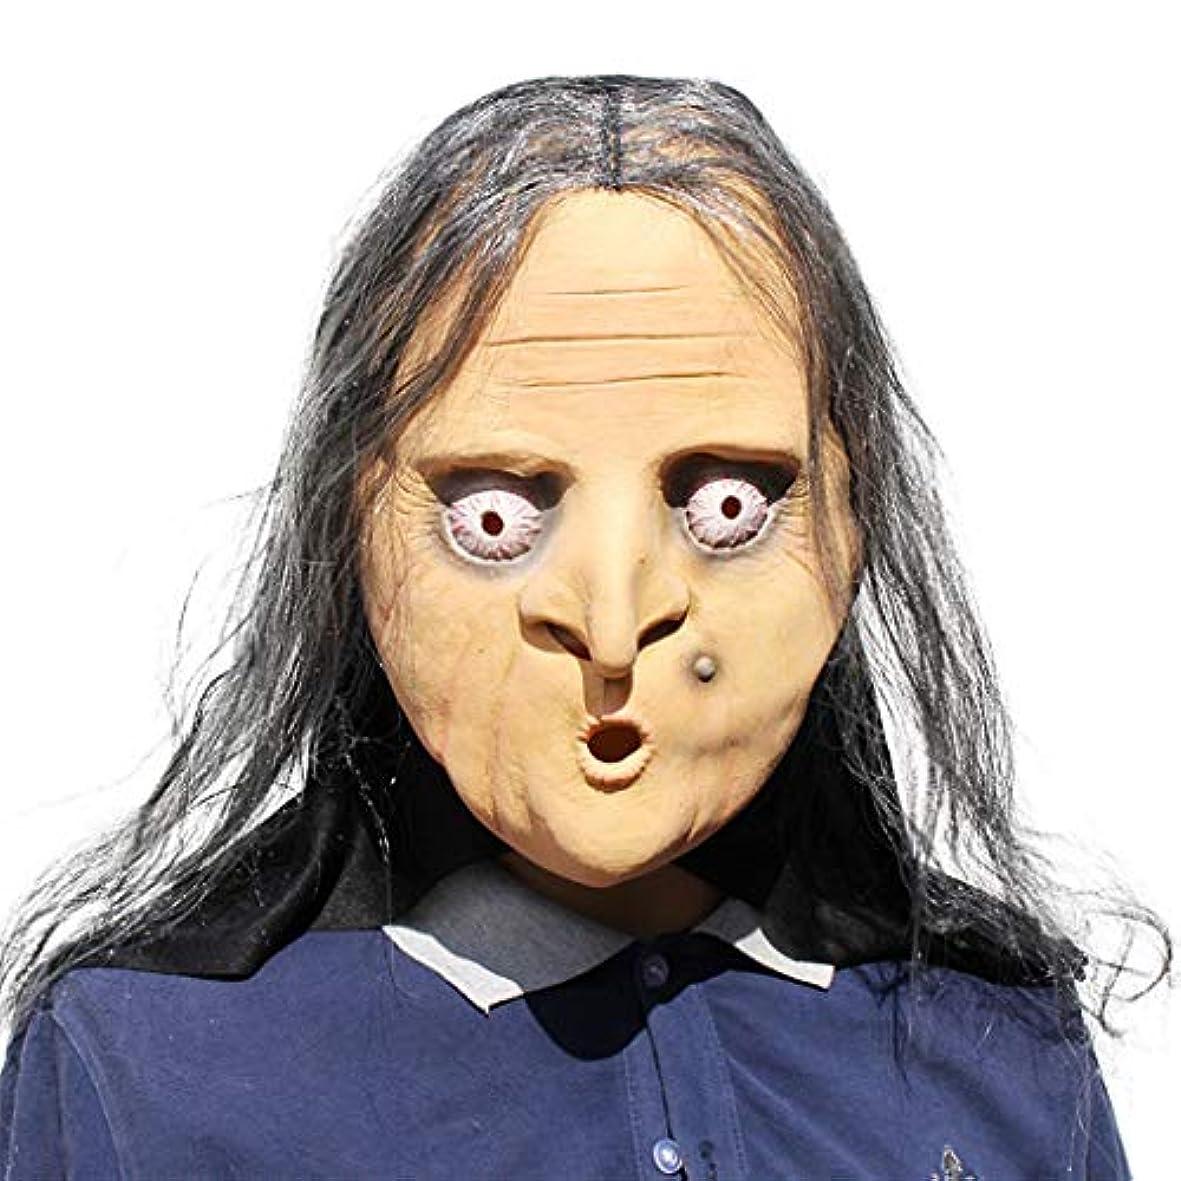 に慣れ印をつける美容師ハロウィーンマスク、ラテックスマスク、なりすまし魔女怖い通気性快適なフード、ハロウィーン仮装用、ギフト、コスチュームパーティー、イースター